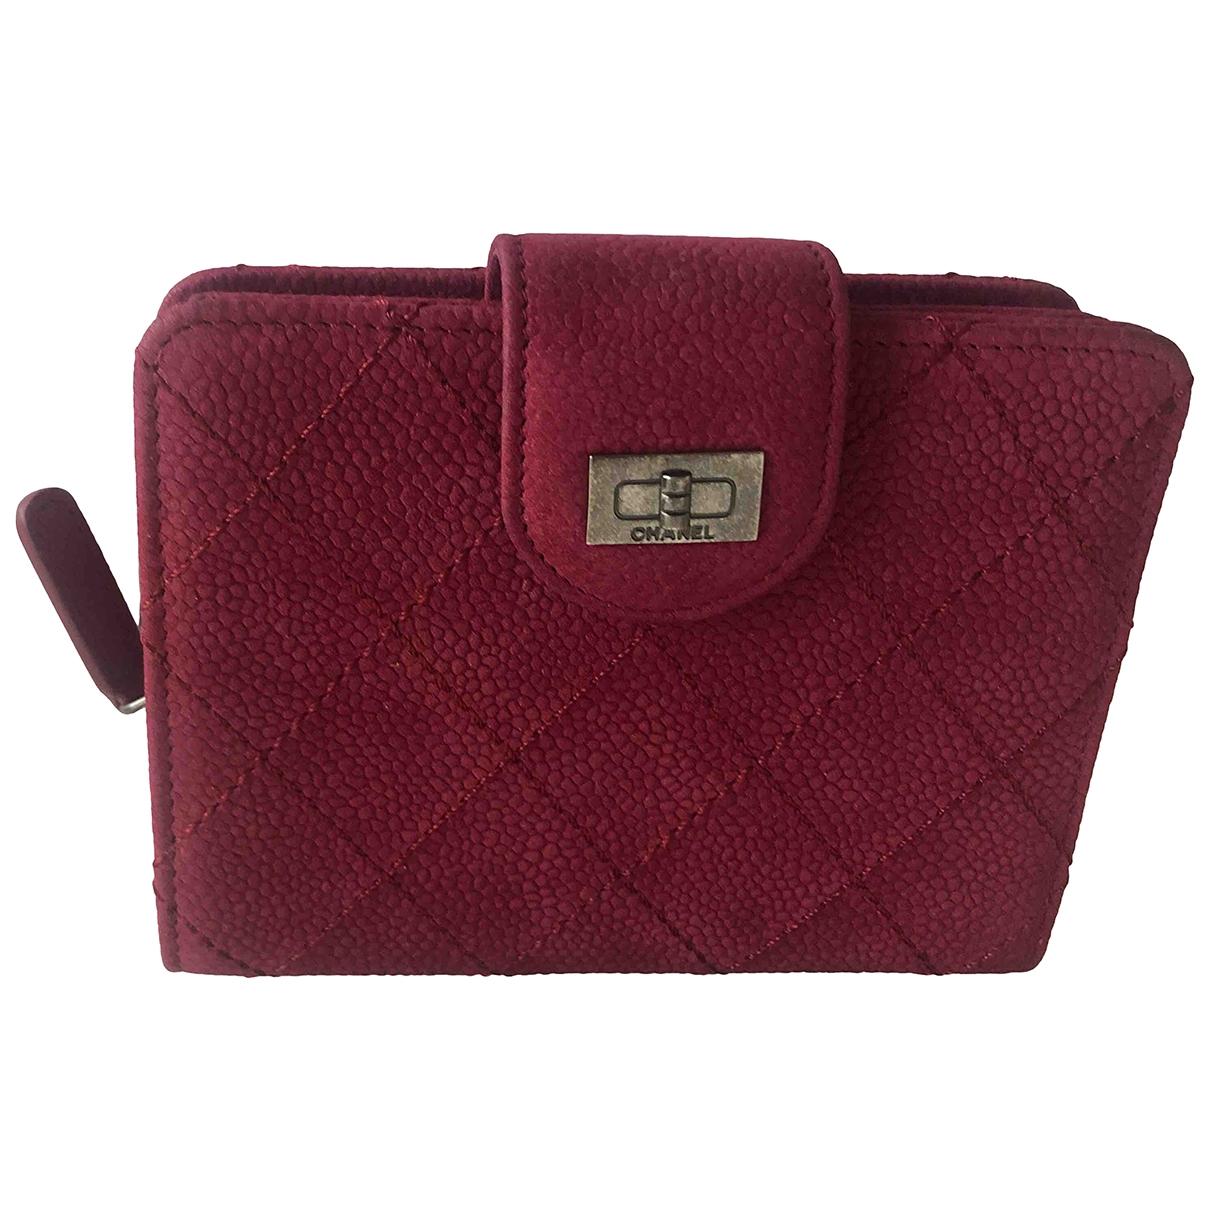 Chanel - Portefeuille 2.55 pour femme en suede - bordeaux